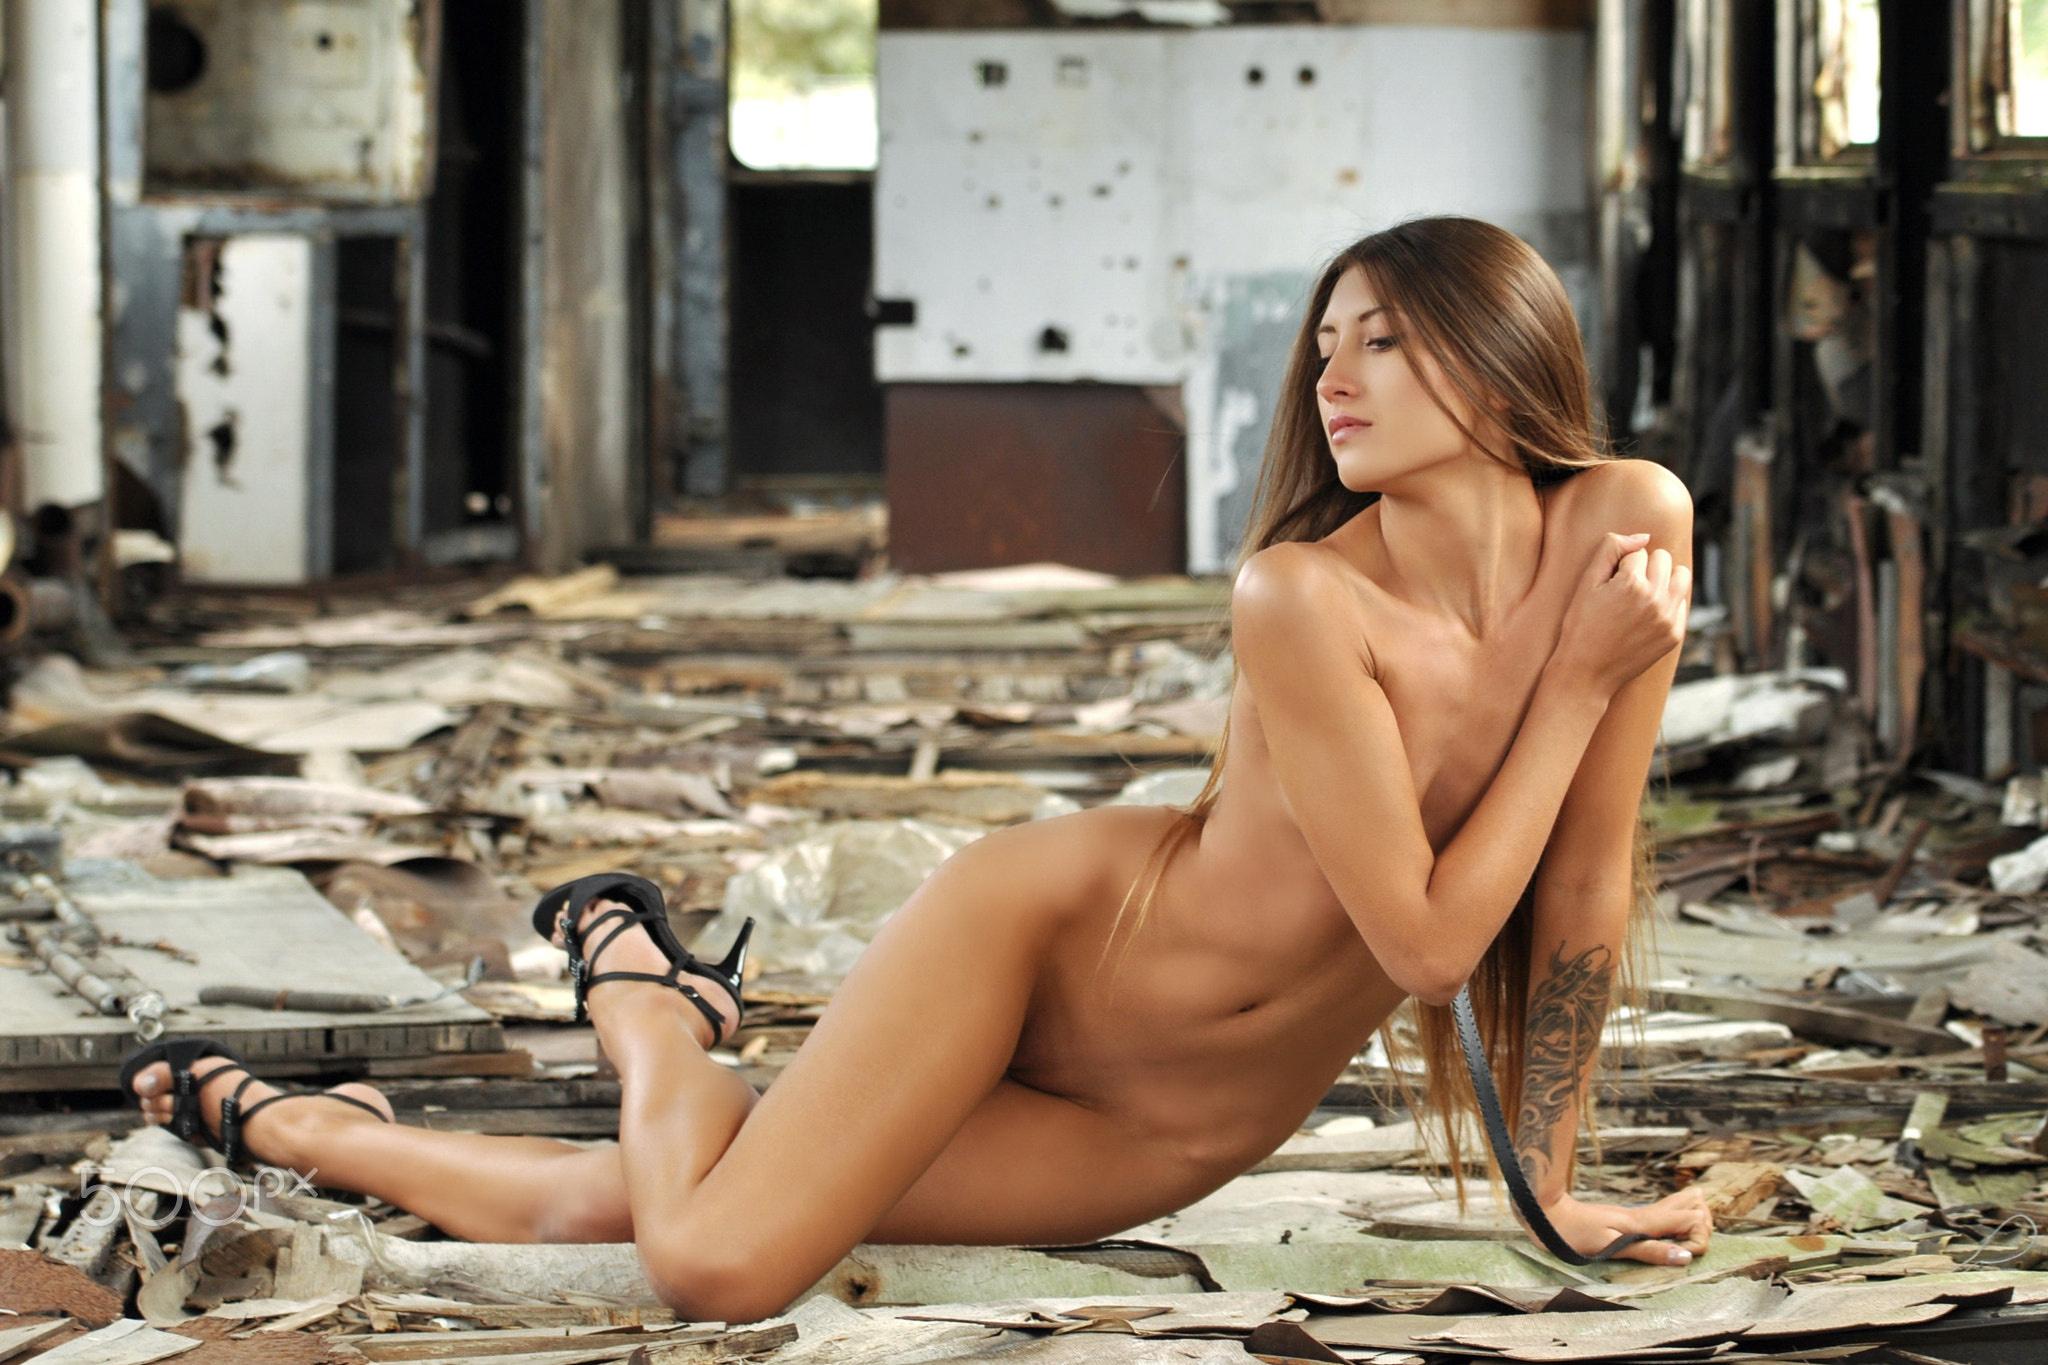 Nude Girls Leesville Louisiana